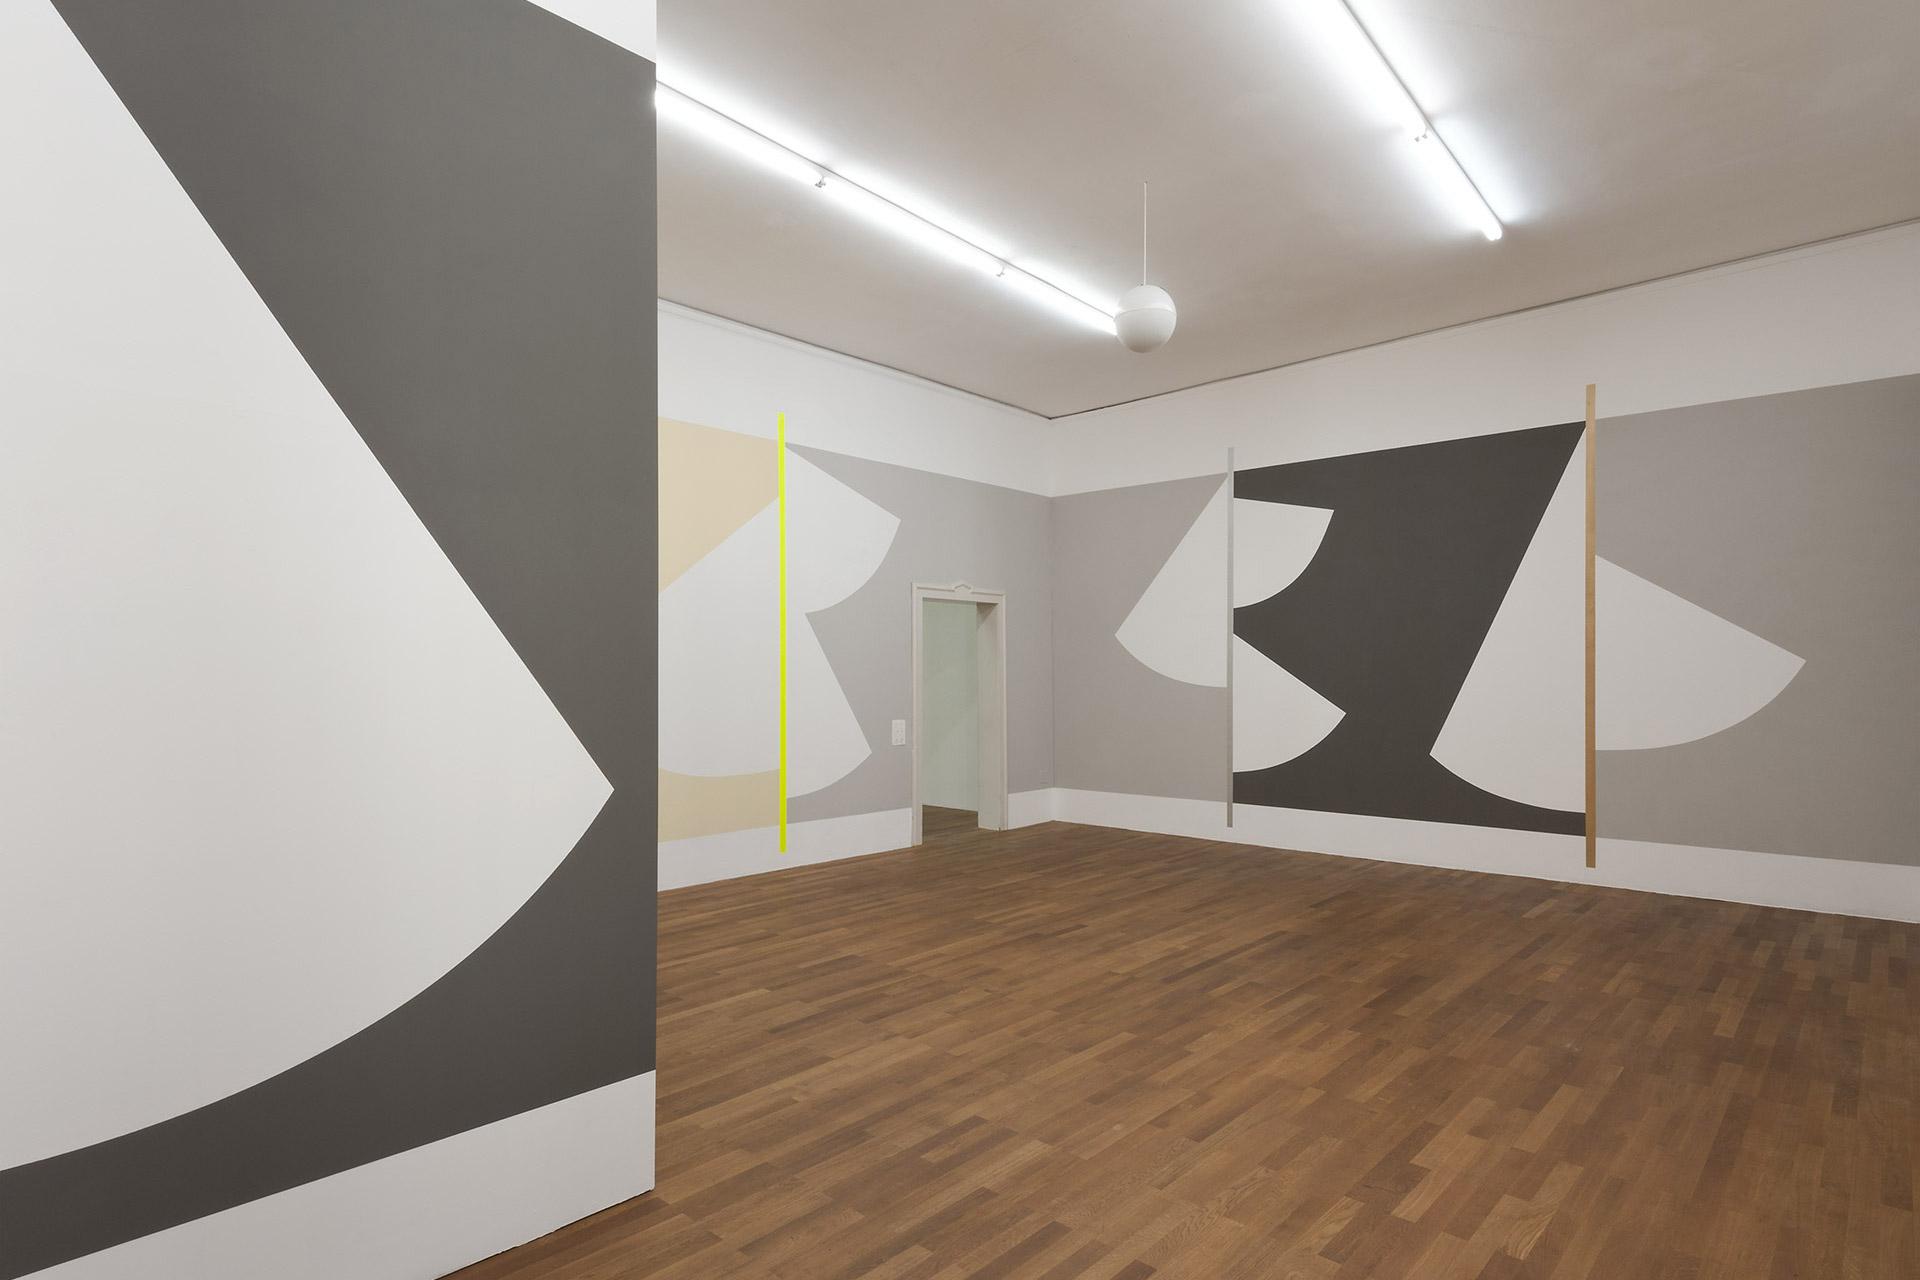 Shaan-Syed-Kunsthalle-Winterthur-2015-1